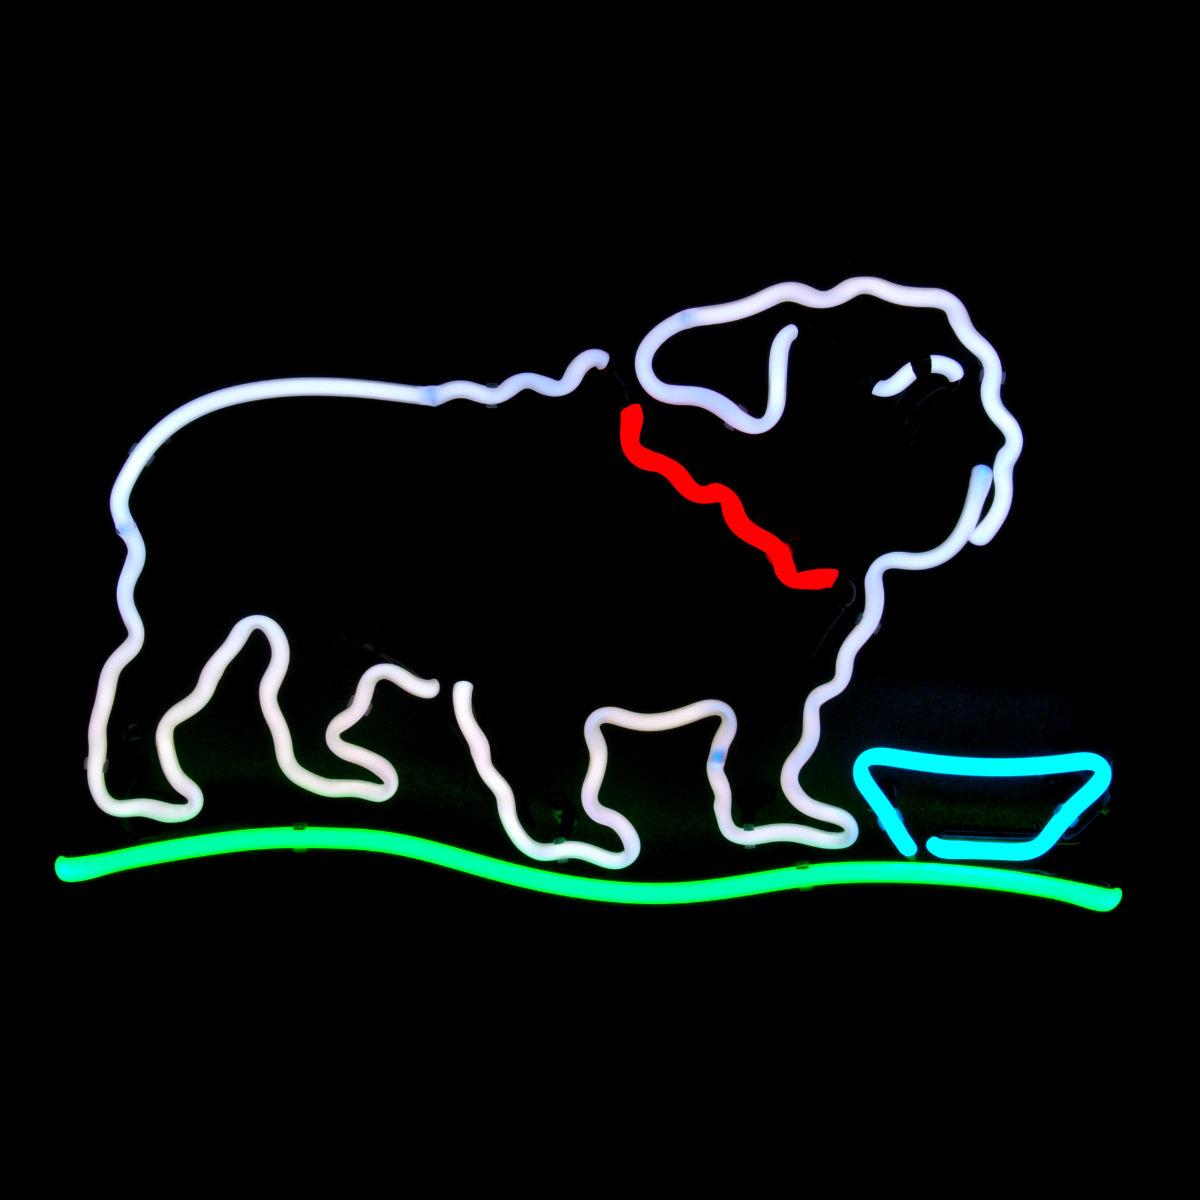 Bulldog Designer Neon Sculpture by John Barton - Neon Light Sculptor - USA